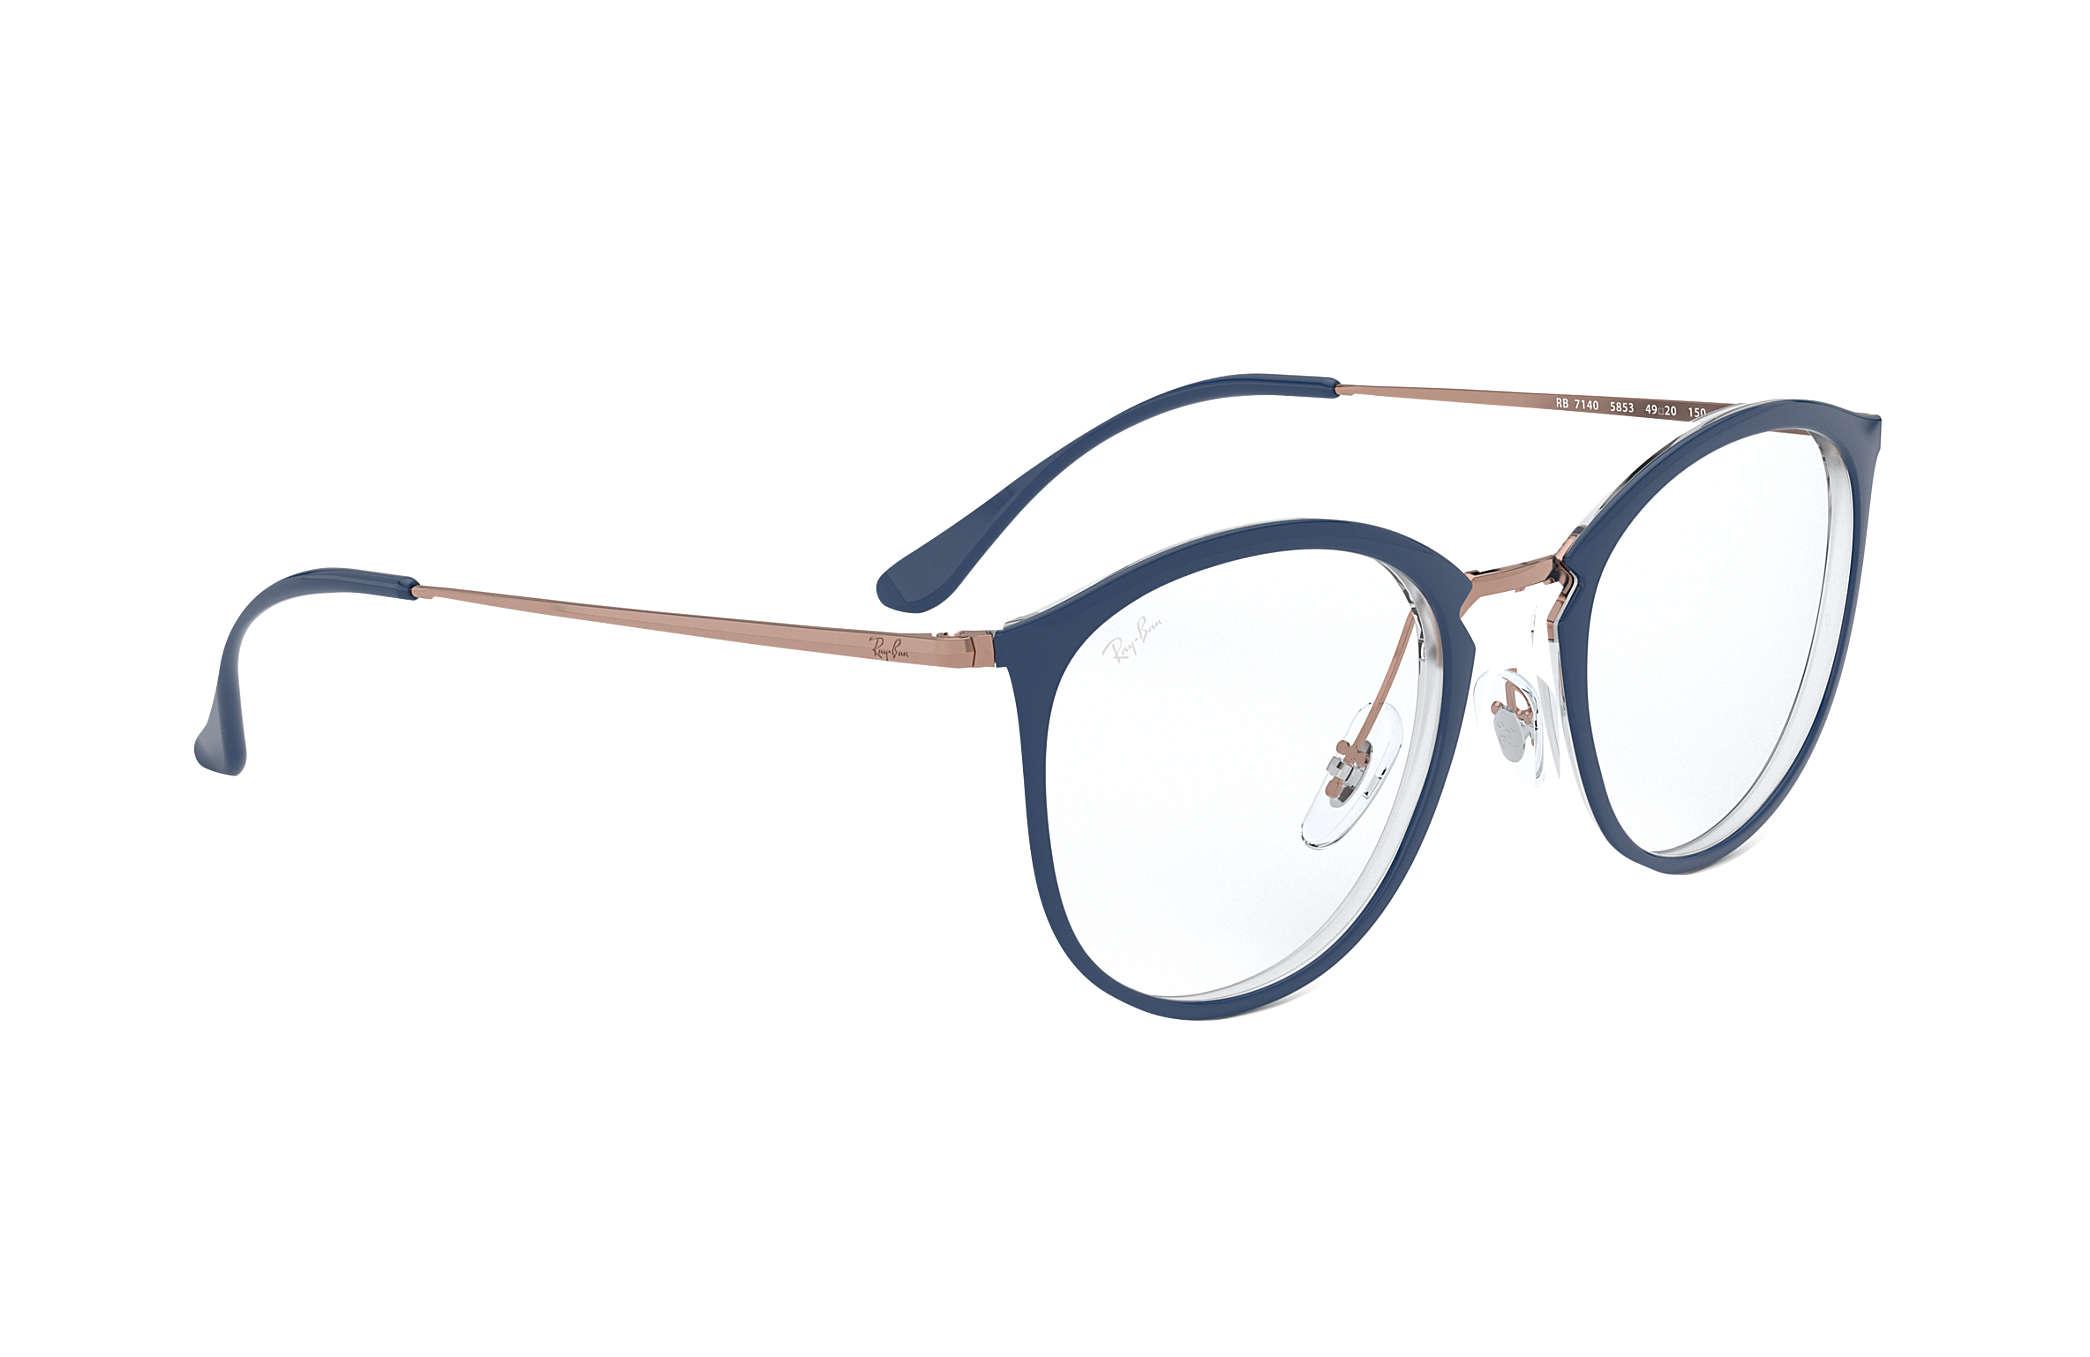 963a50dbb Óculos de grau Ray-Ban RB7140 Azul - Injetado - 0RX7140585351 | Ray ...